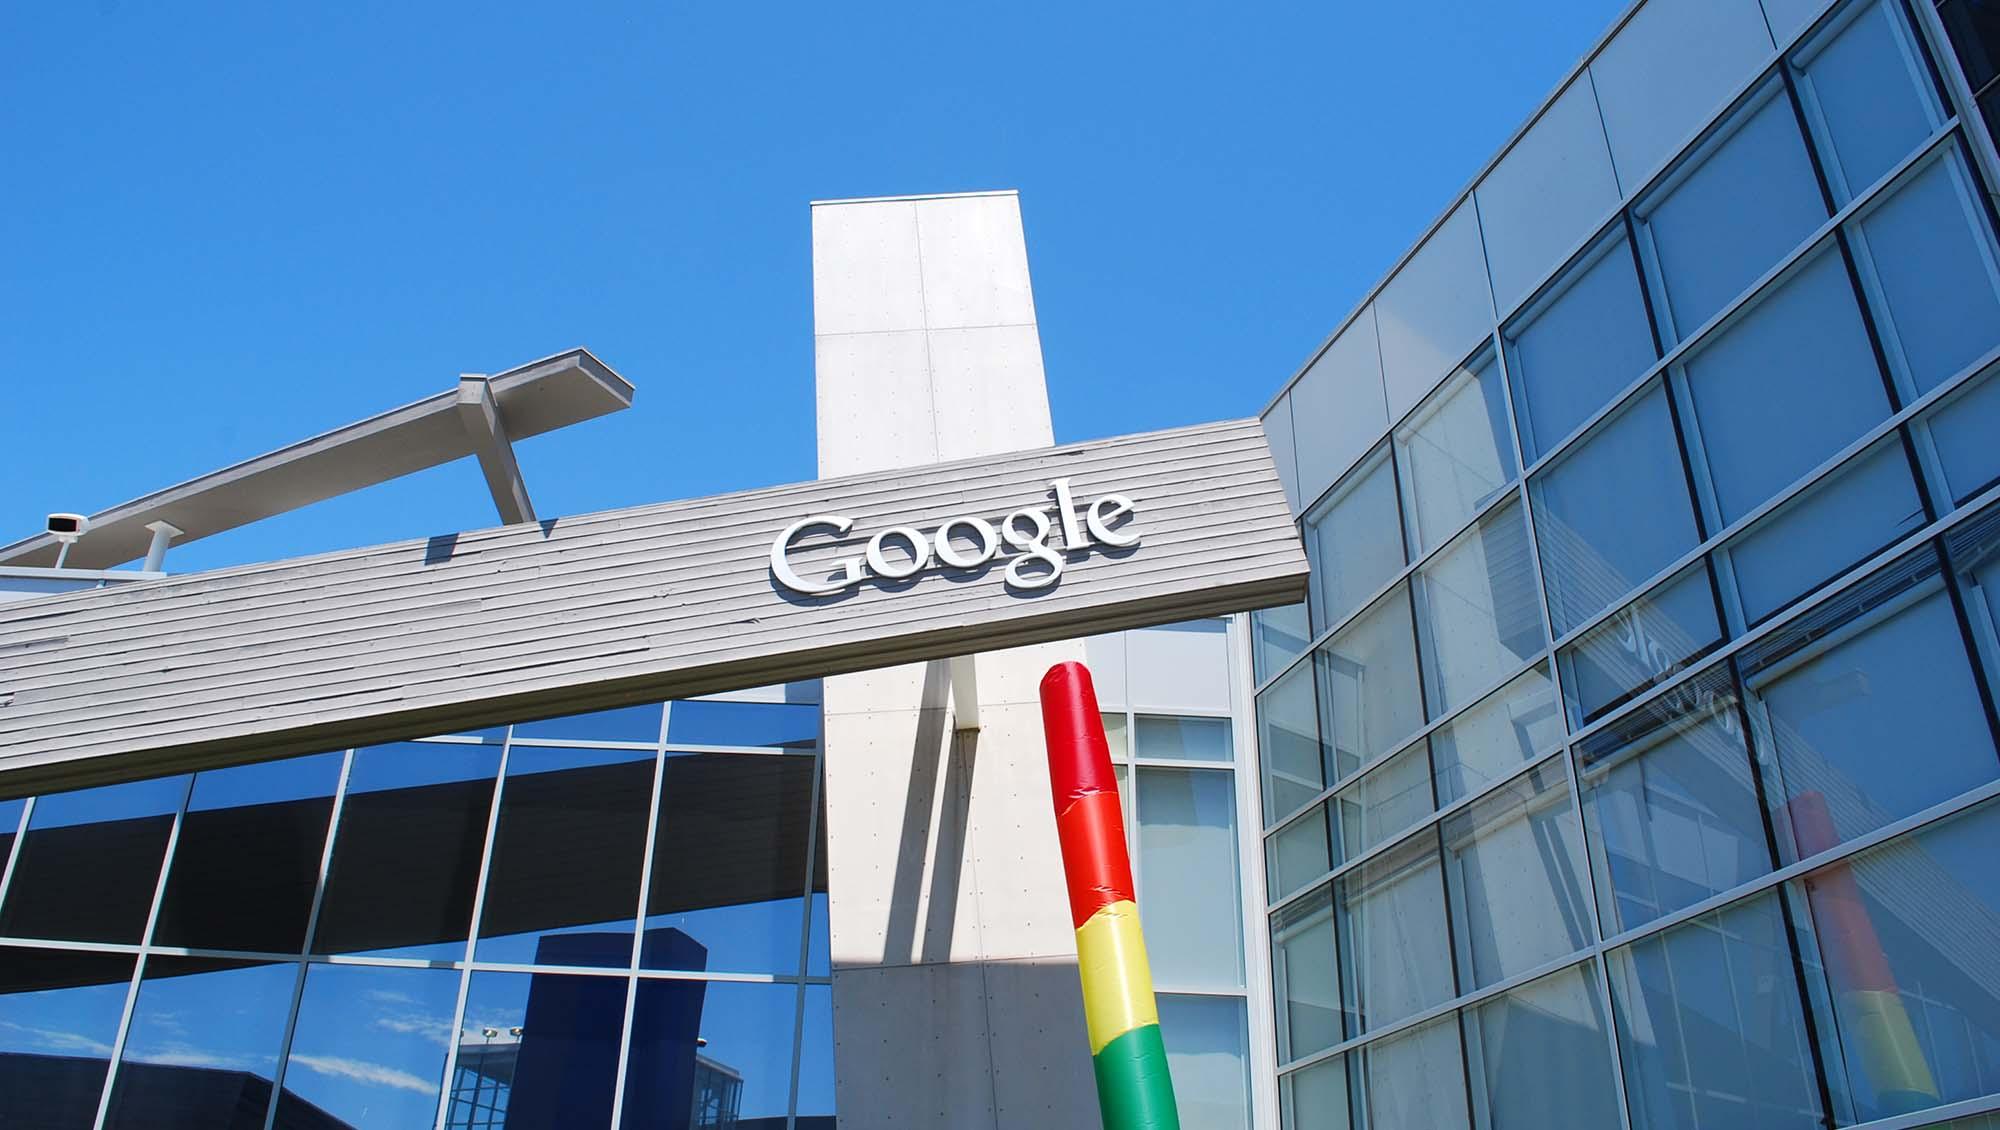 Google a-t-il mis en scène son coup de fil pour présenter Google Duplex ?